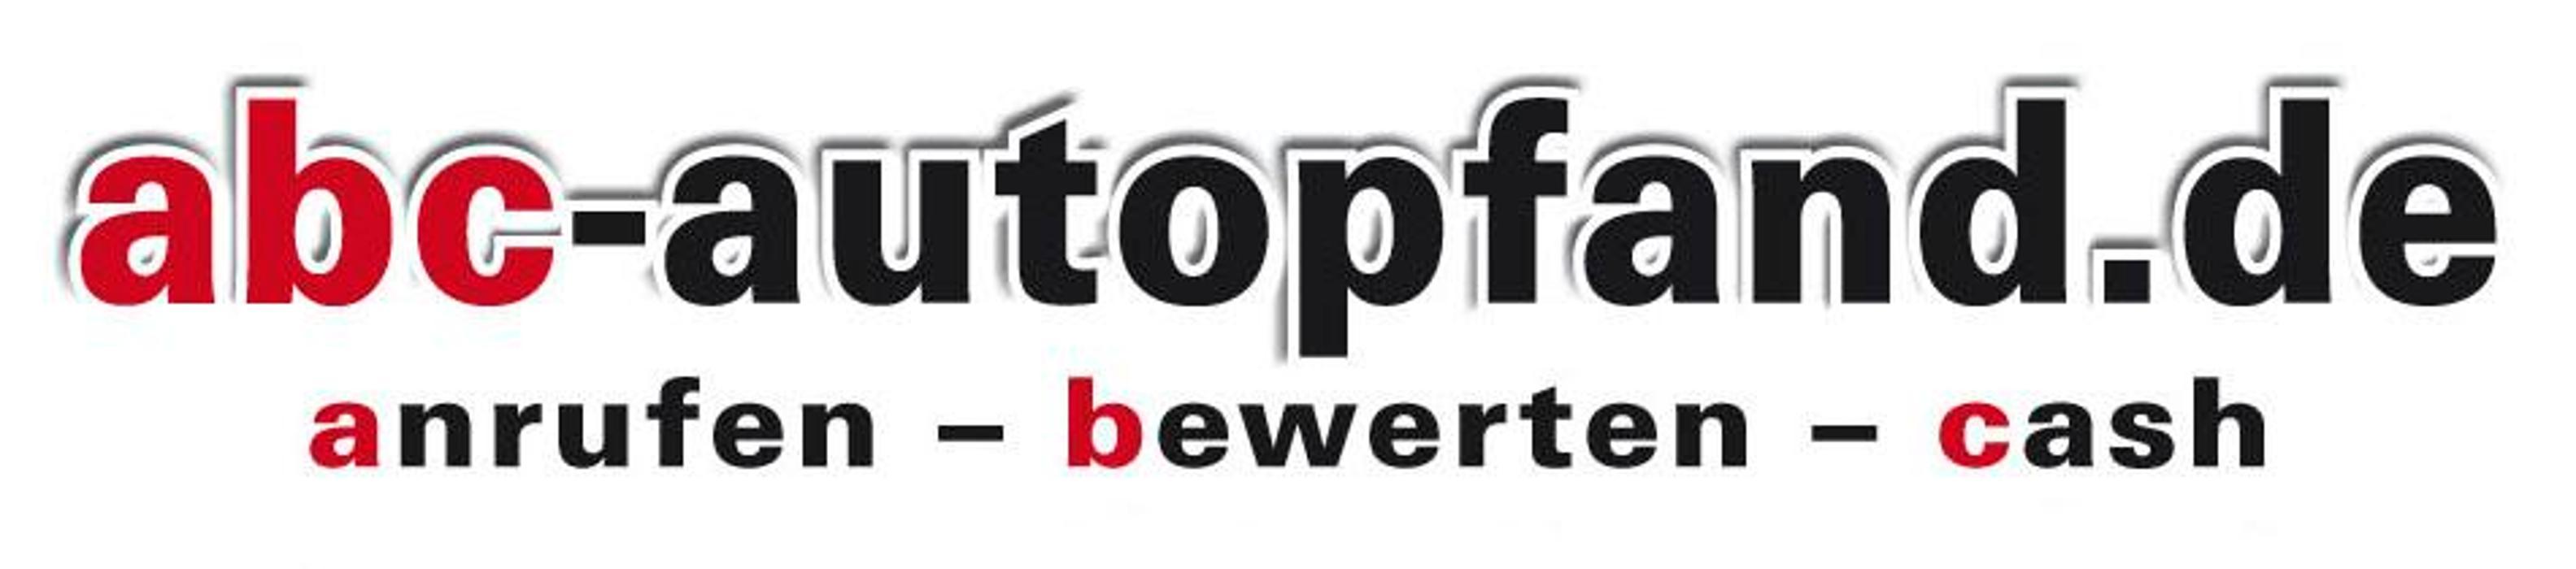 Bild zu abc-autopfand - anrufen-bewerten-cash - Autopfandhaus Altlußheim in Altlußheim